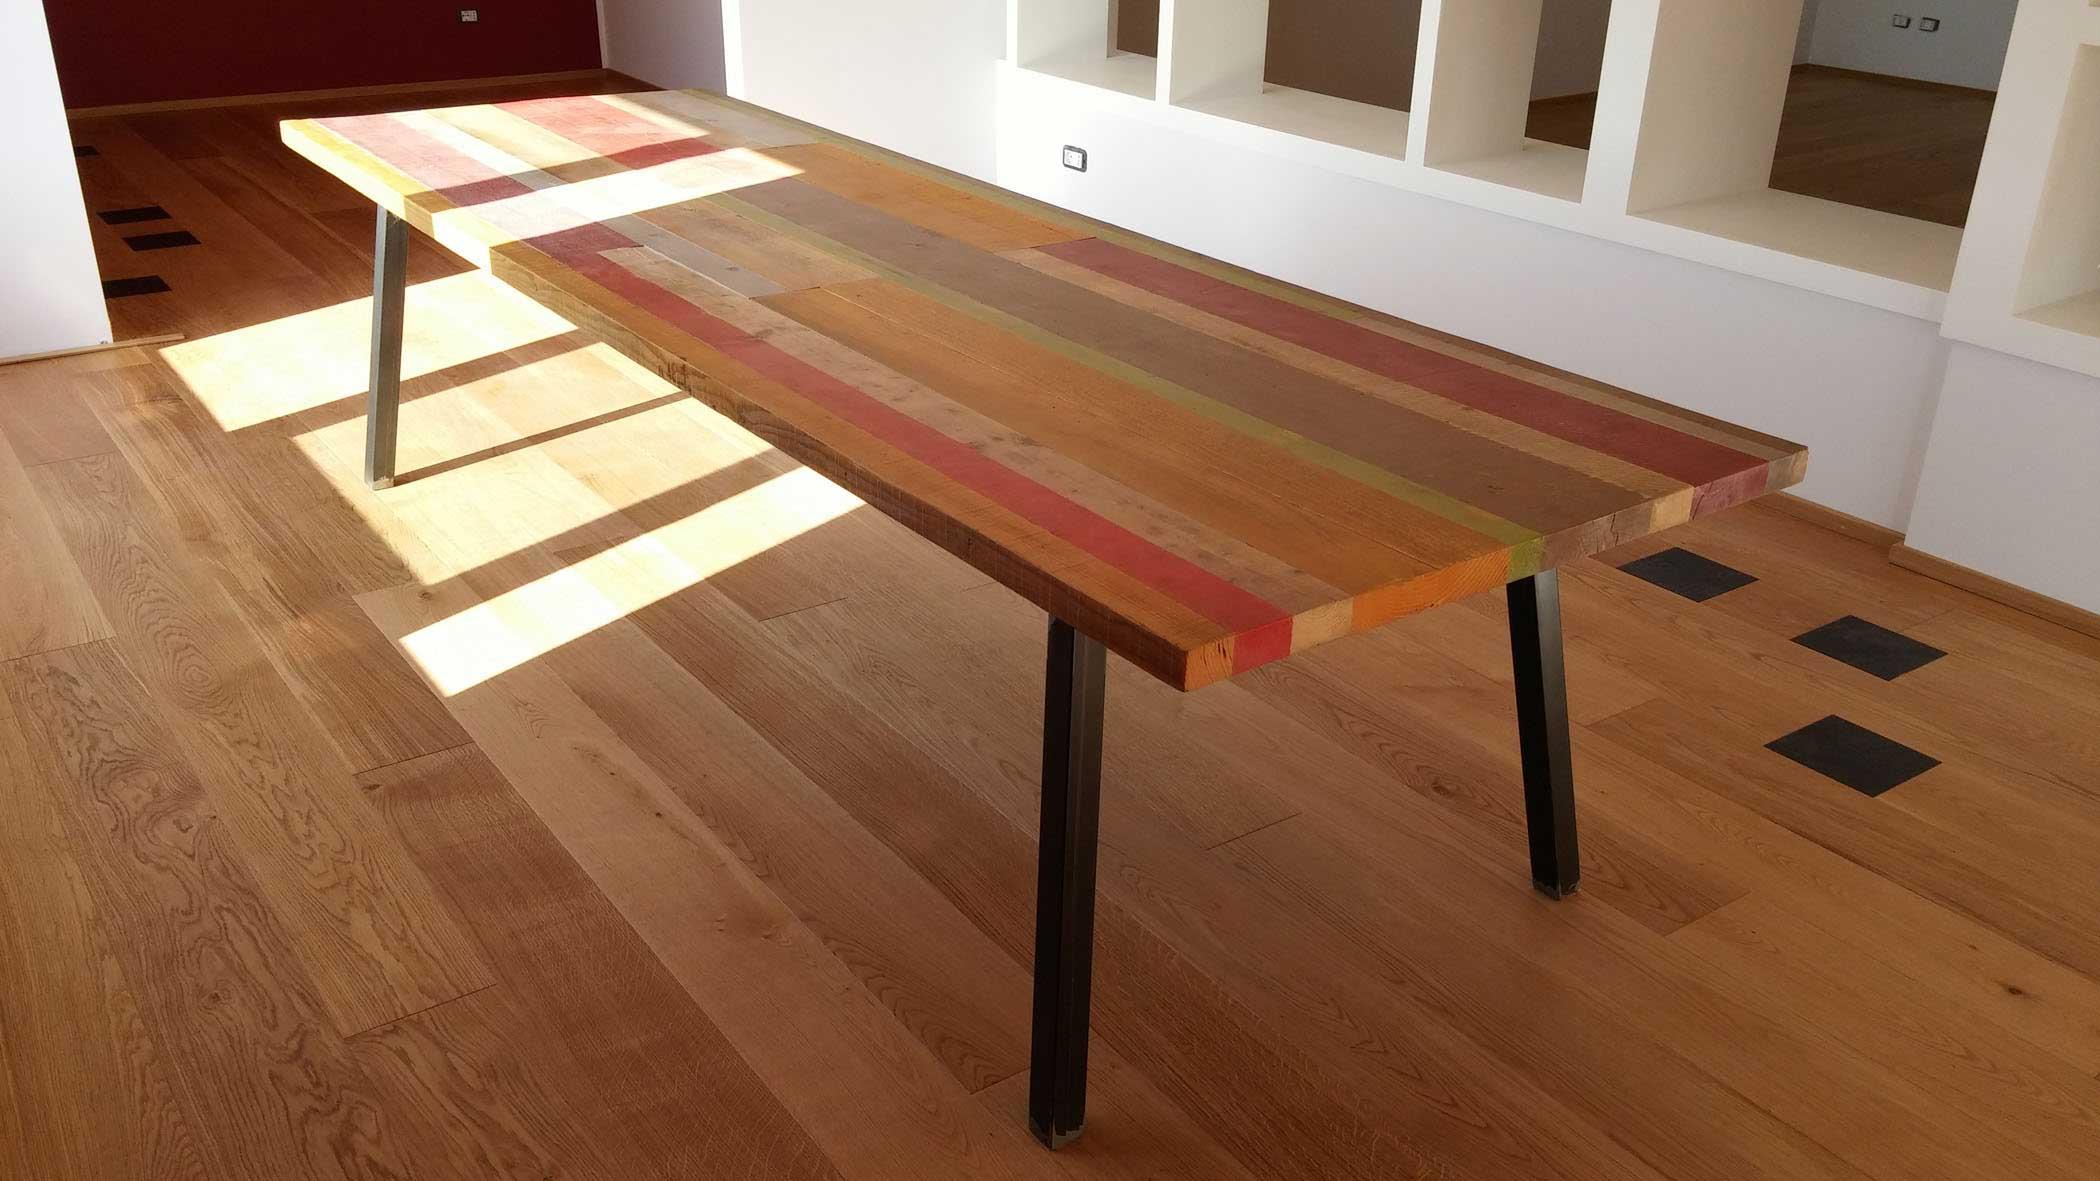 Tavolo da pranzo con assi di legno colorate